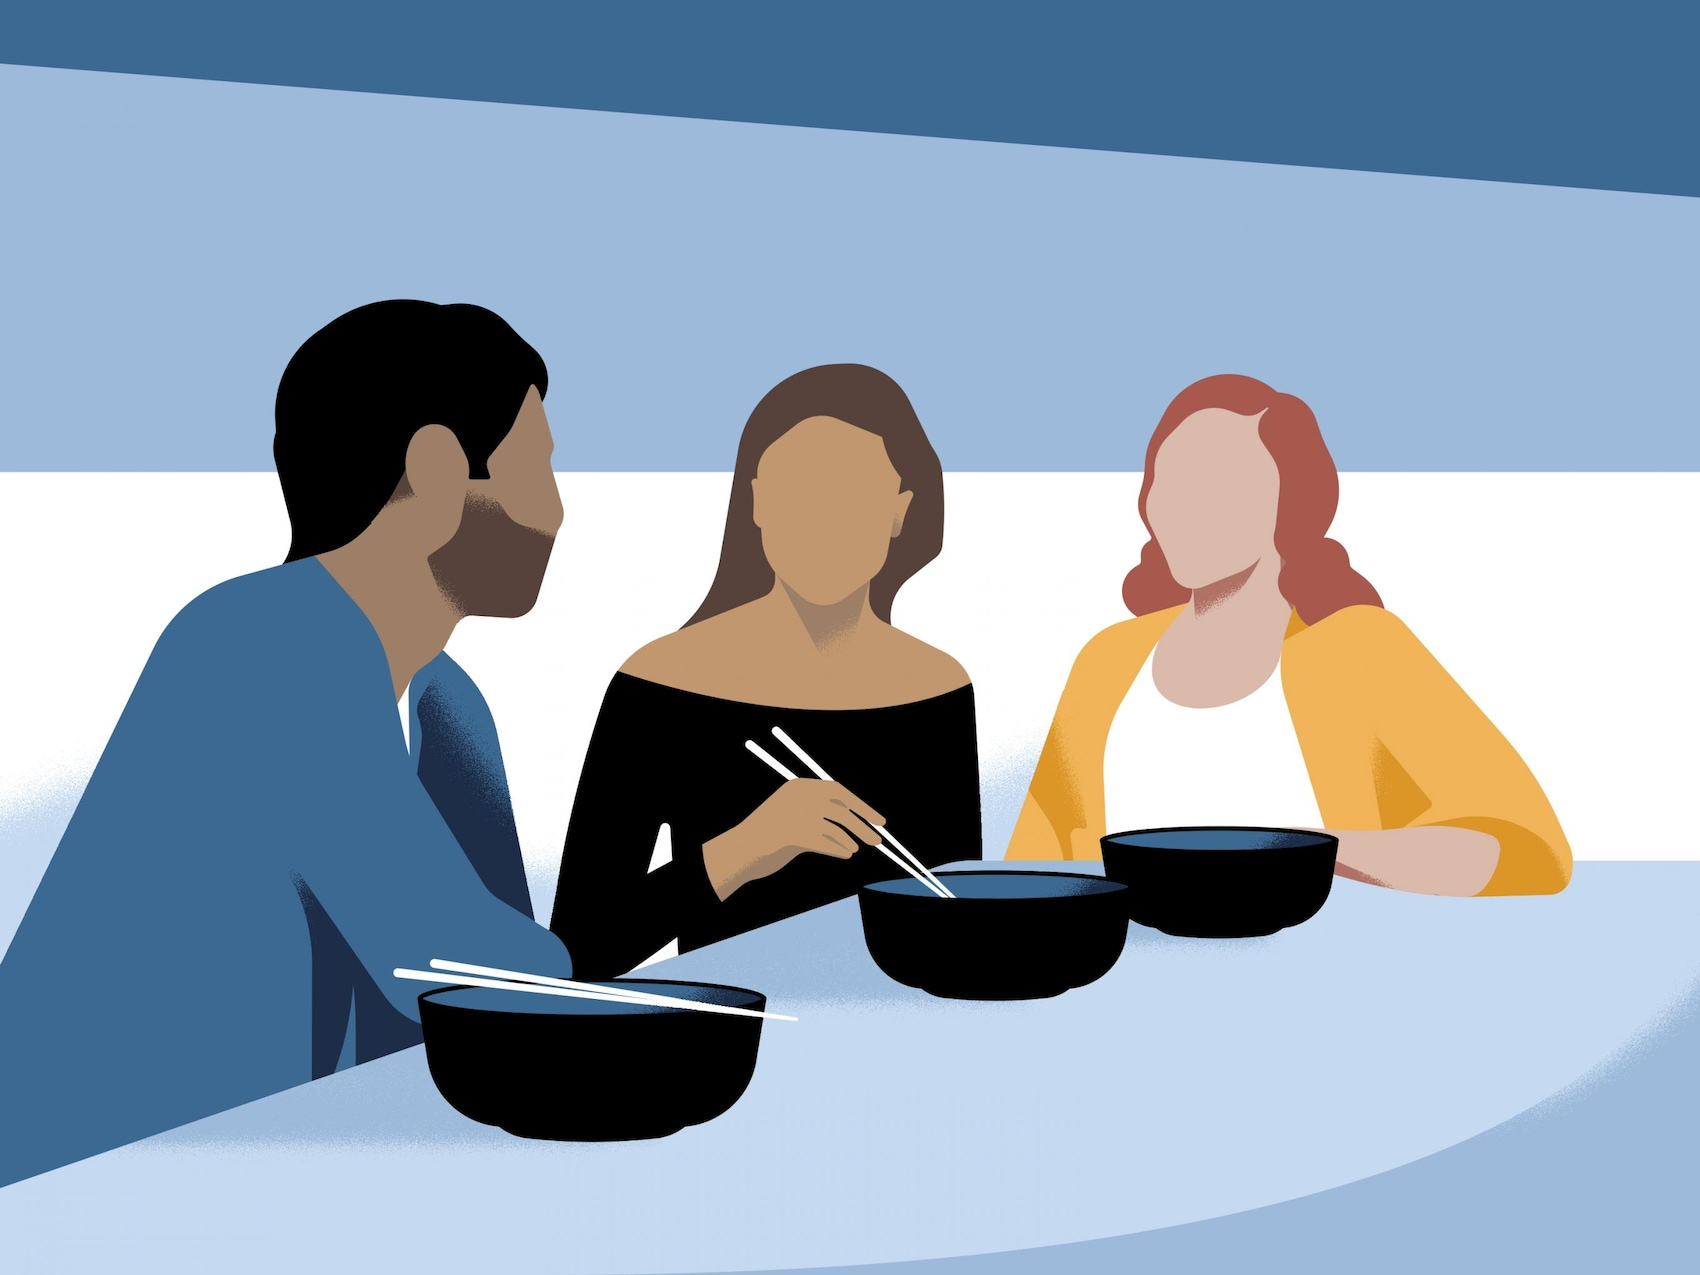 Trzy osoby siedzą na kolacji przy stole.